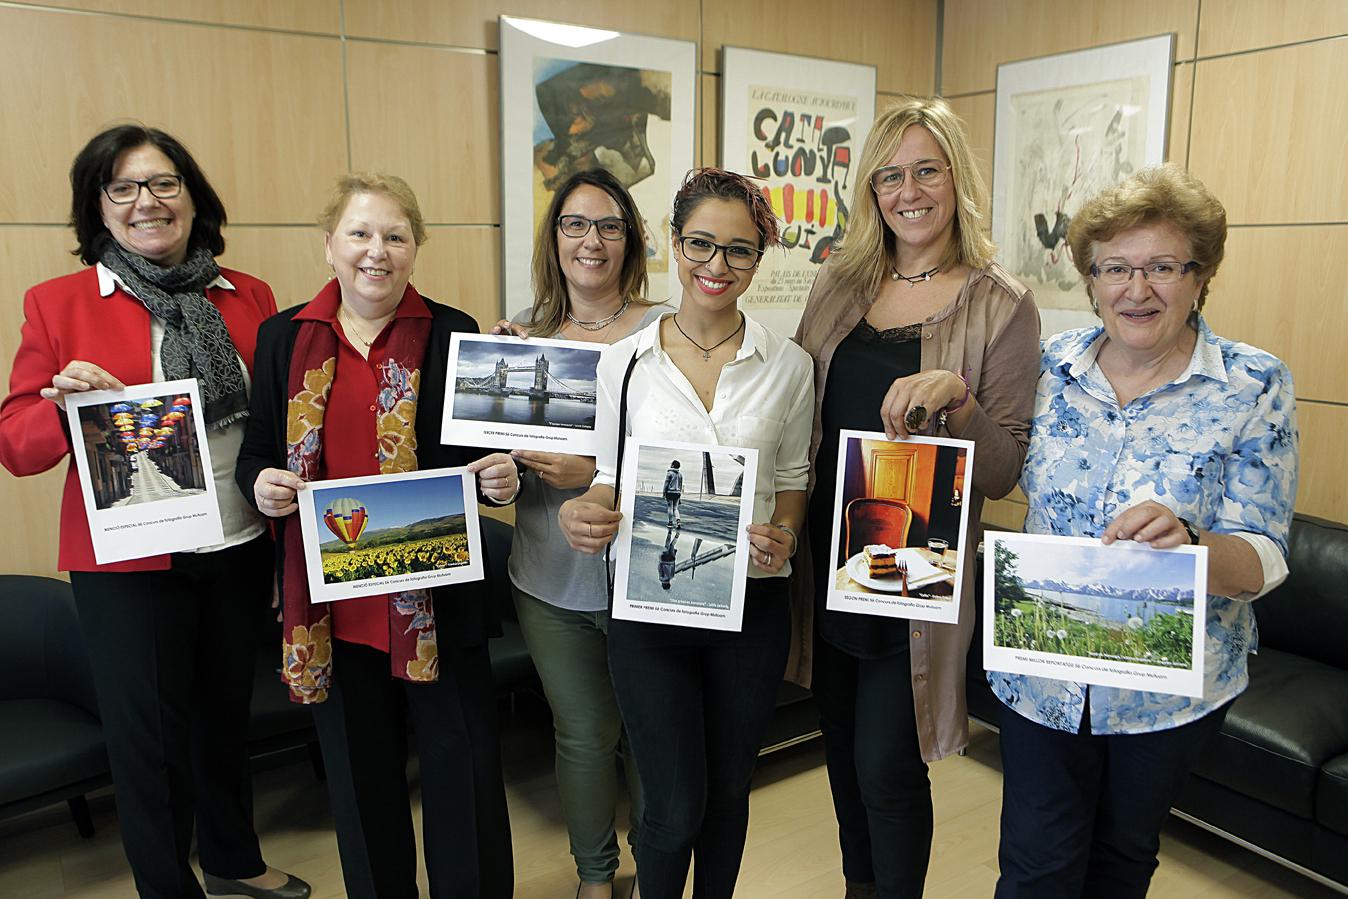 Lliurament premis Concurs fotografia 2017